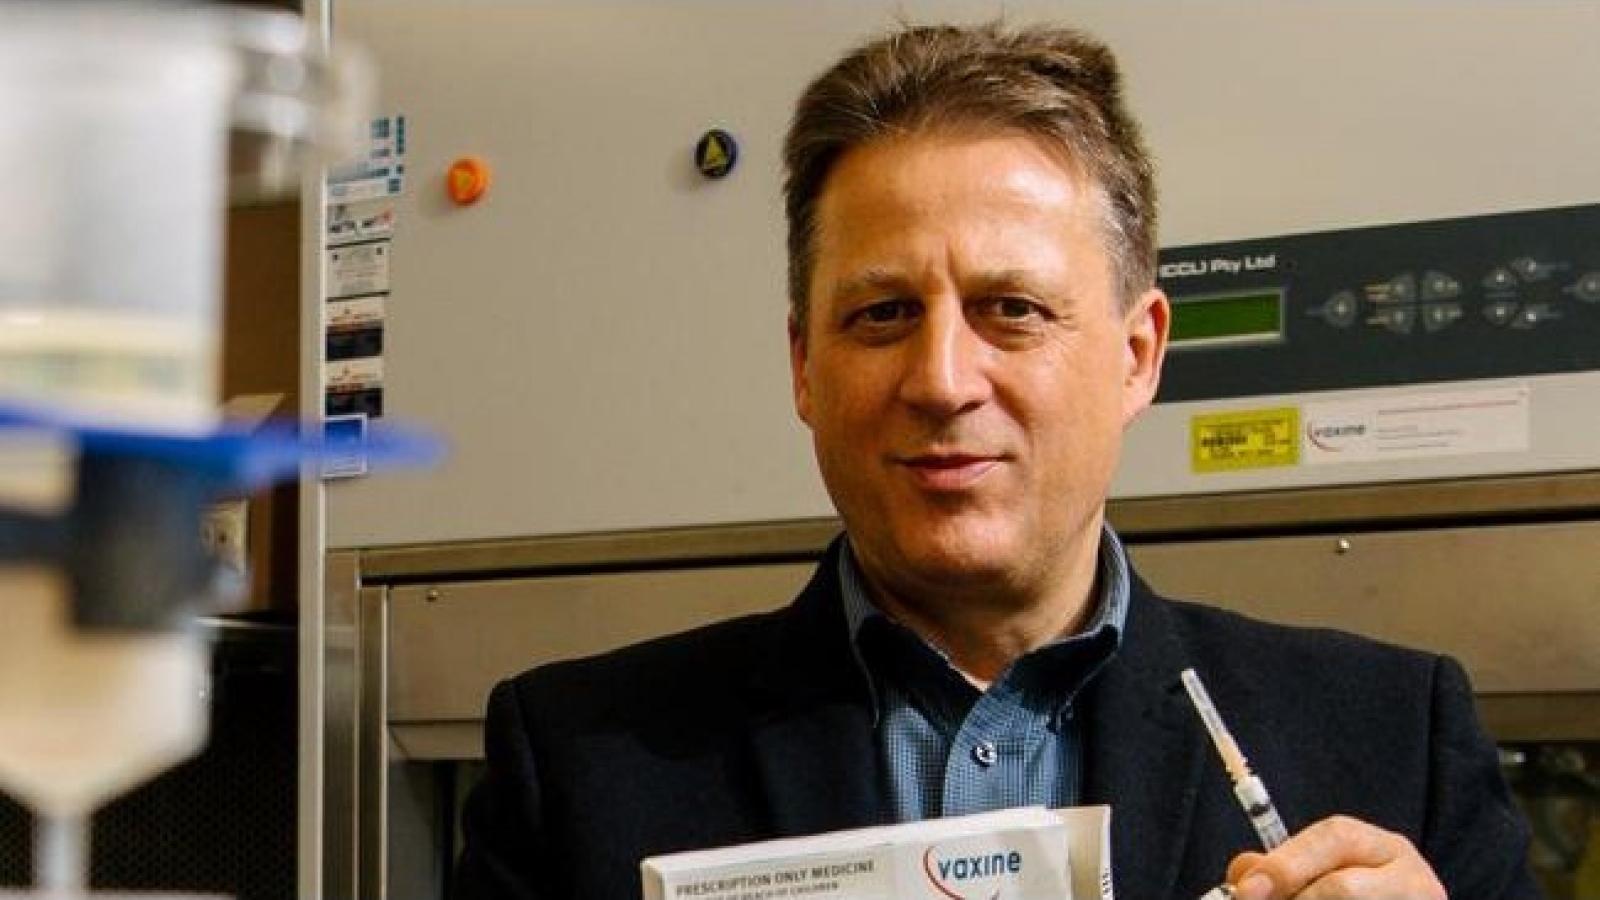 Australia: Vaccine Covid-19 thử nghiệm tạo ra kháng thể trên người